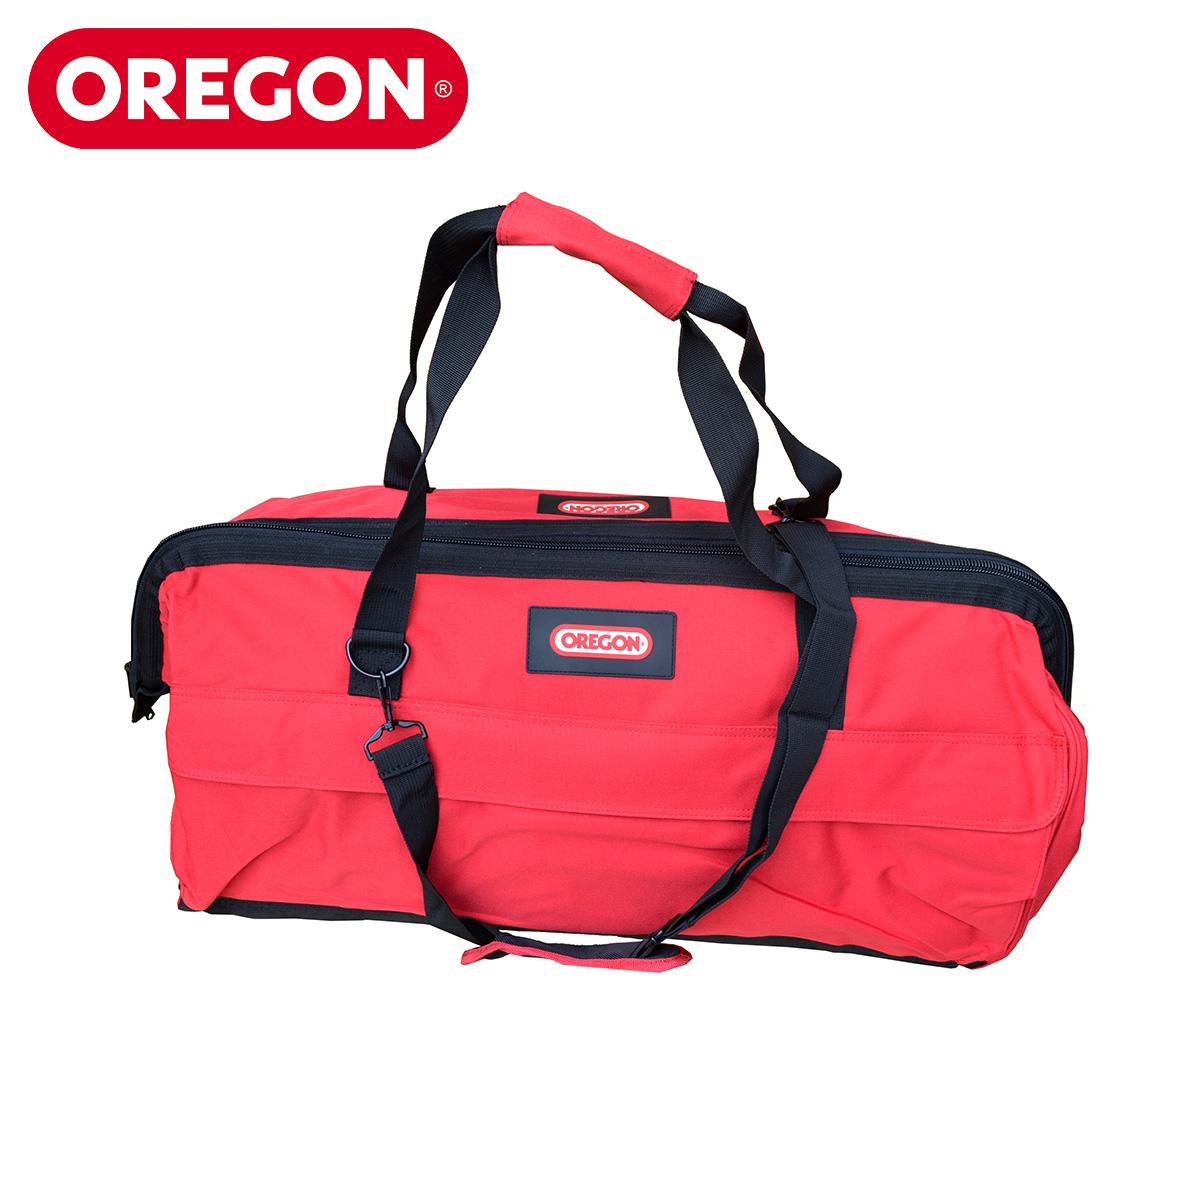 オレゴン OREGON ツール バッグ 551276 CS300 BL300 用